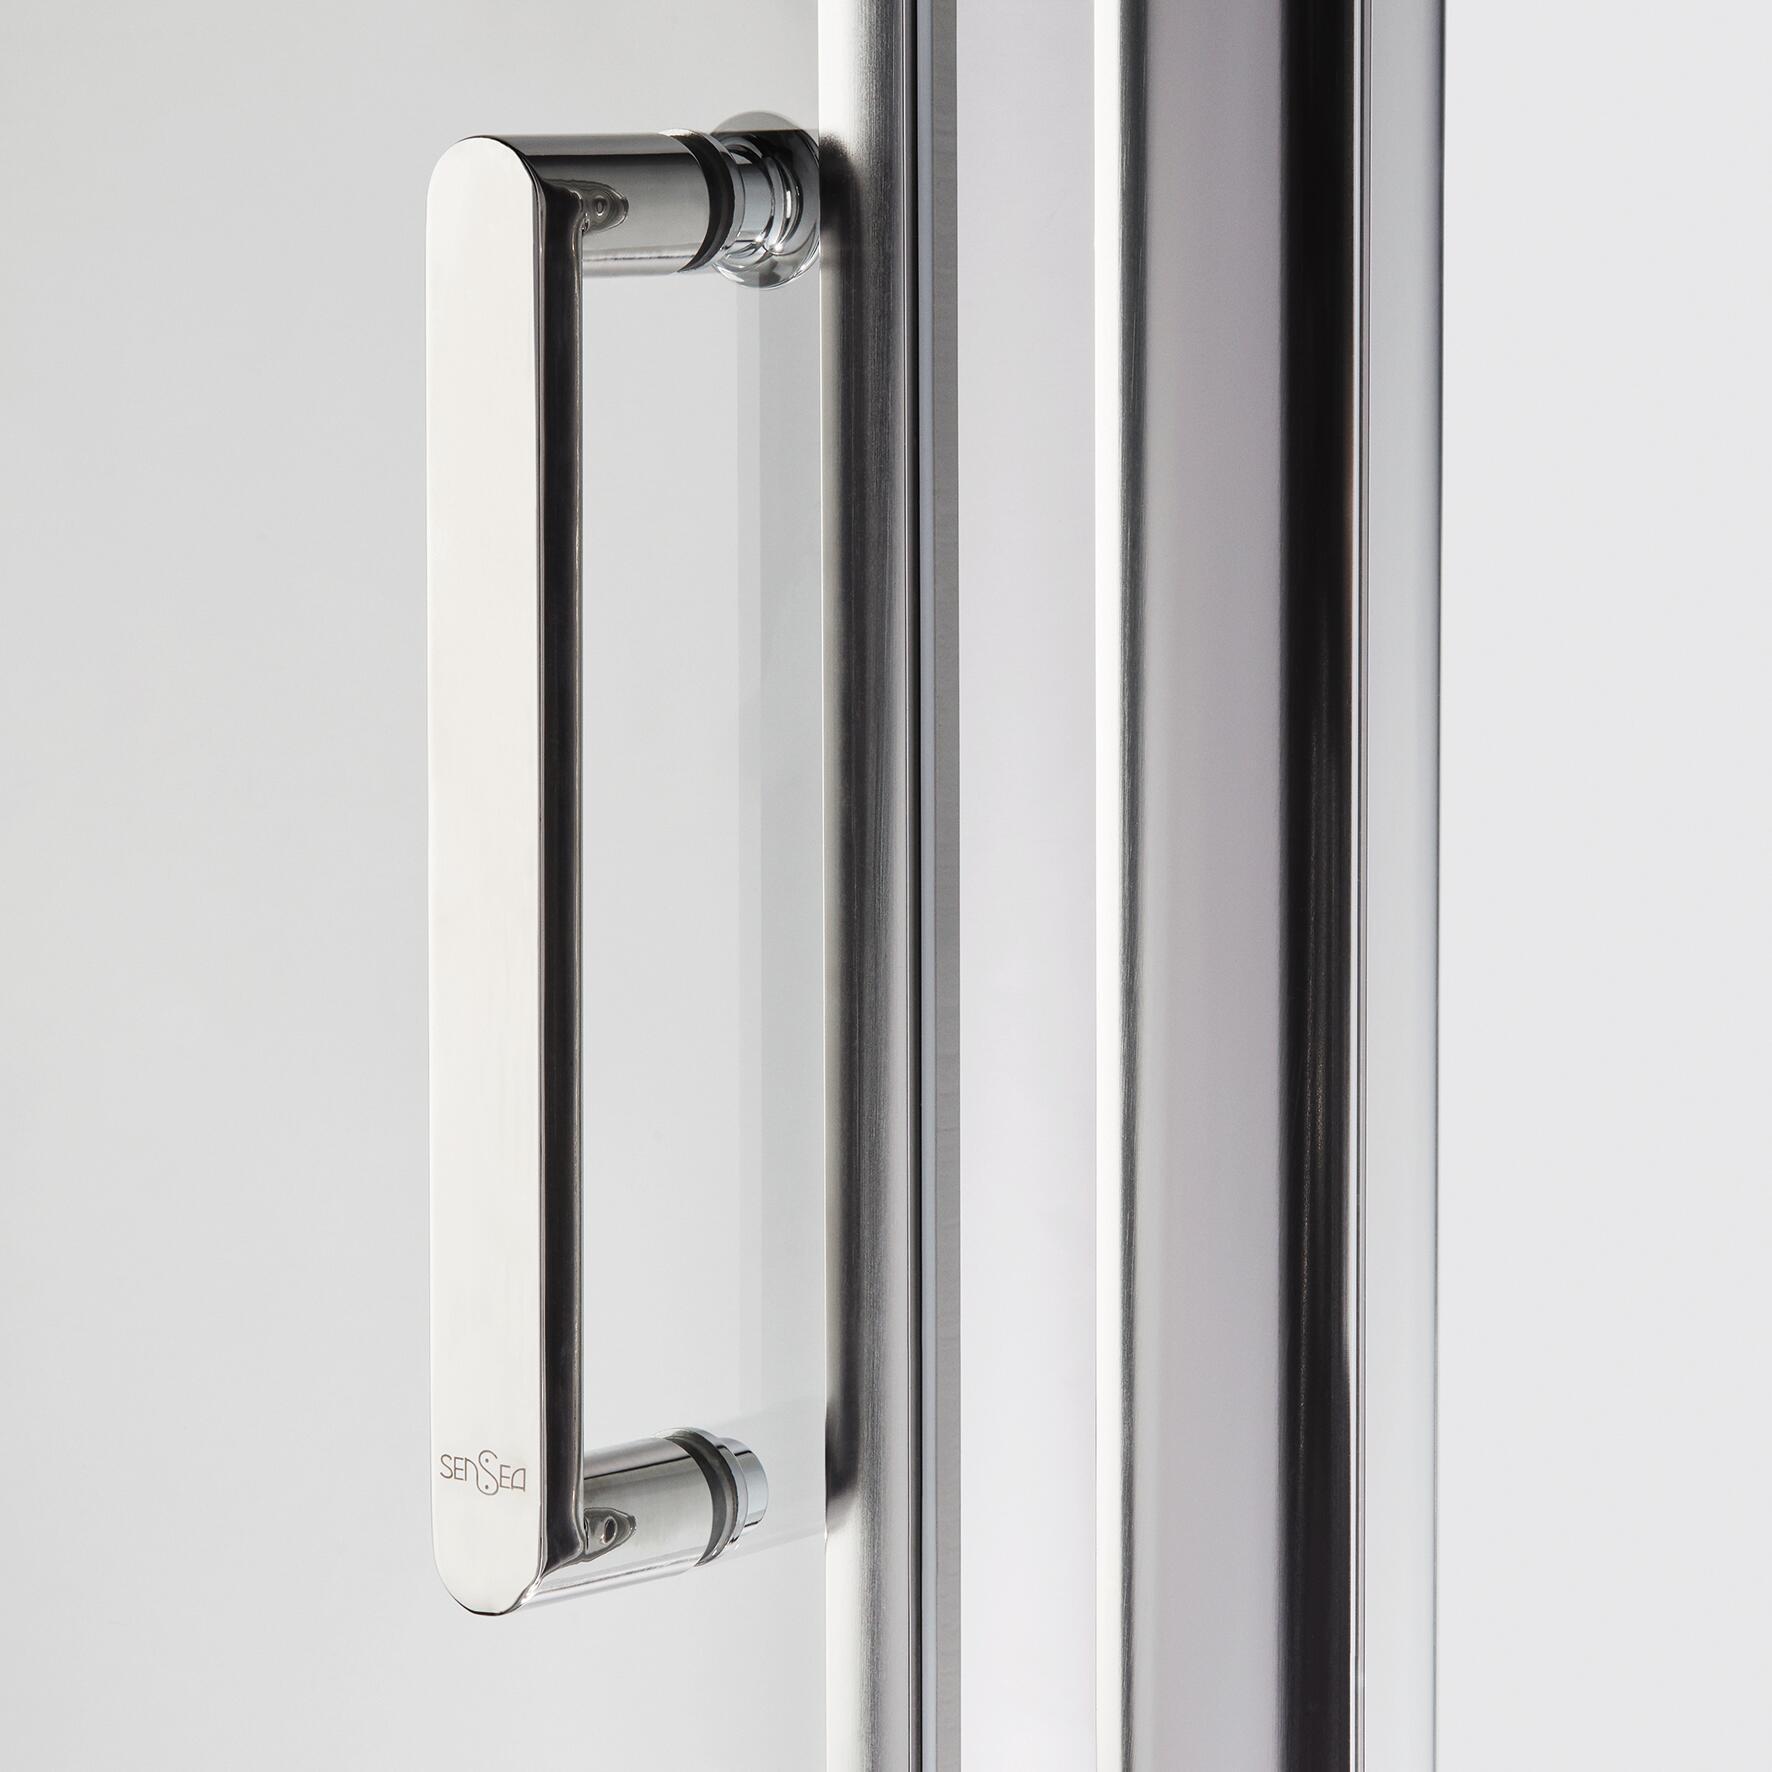 Box doccia rettangolare battente Quad 70 x 80 cm, H 190 cm in vetro temprato, spessore 6 mm trasparente argento - 5